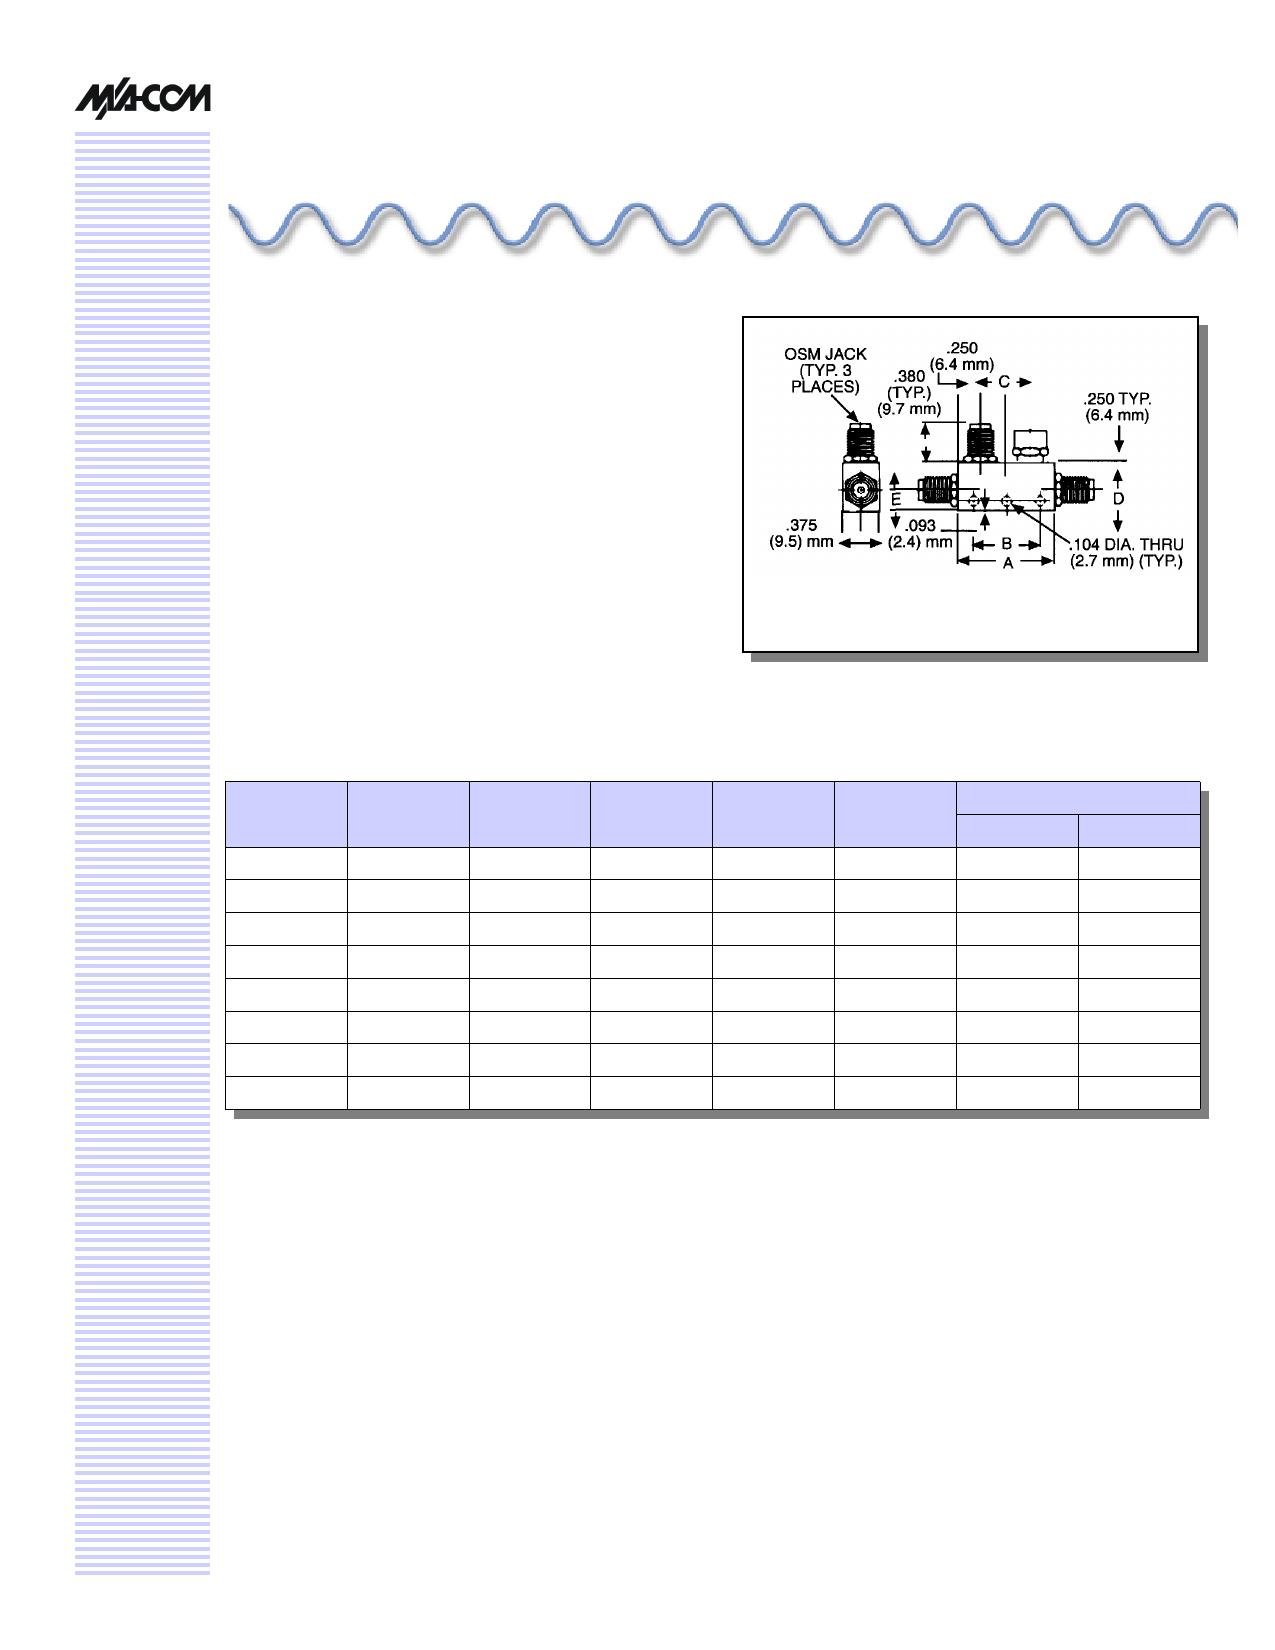 2020-6620-06 datasheet